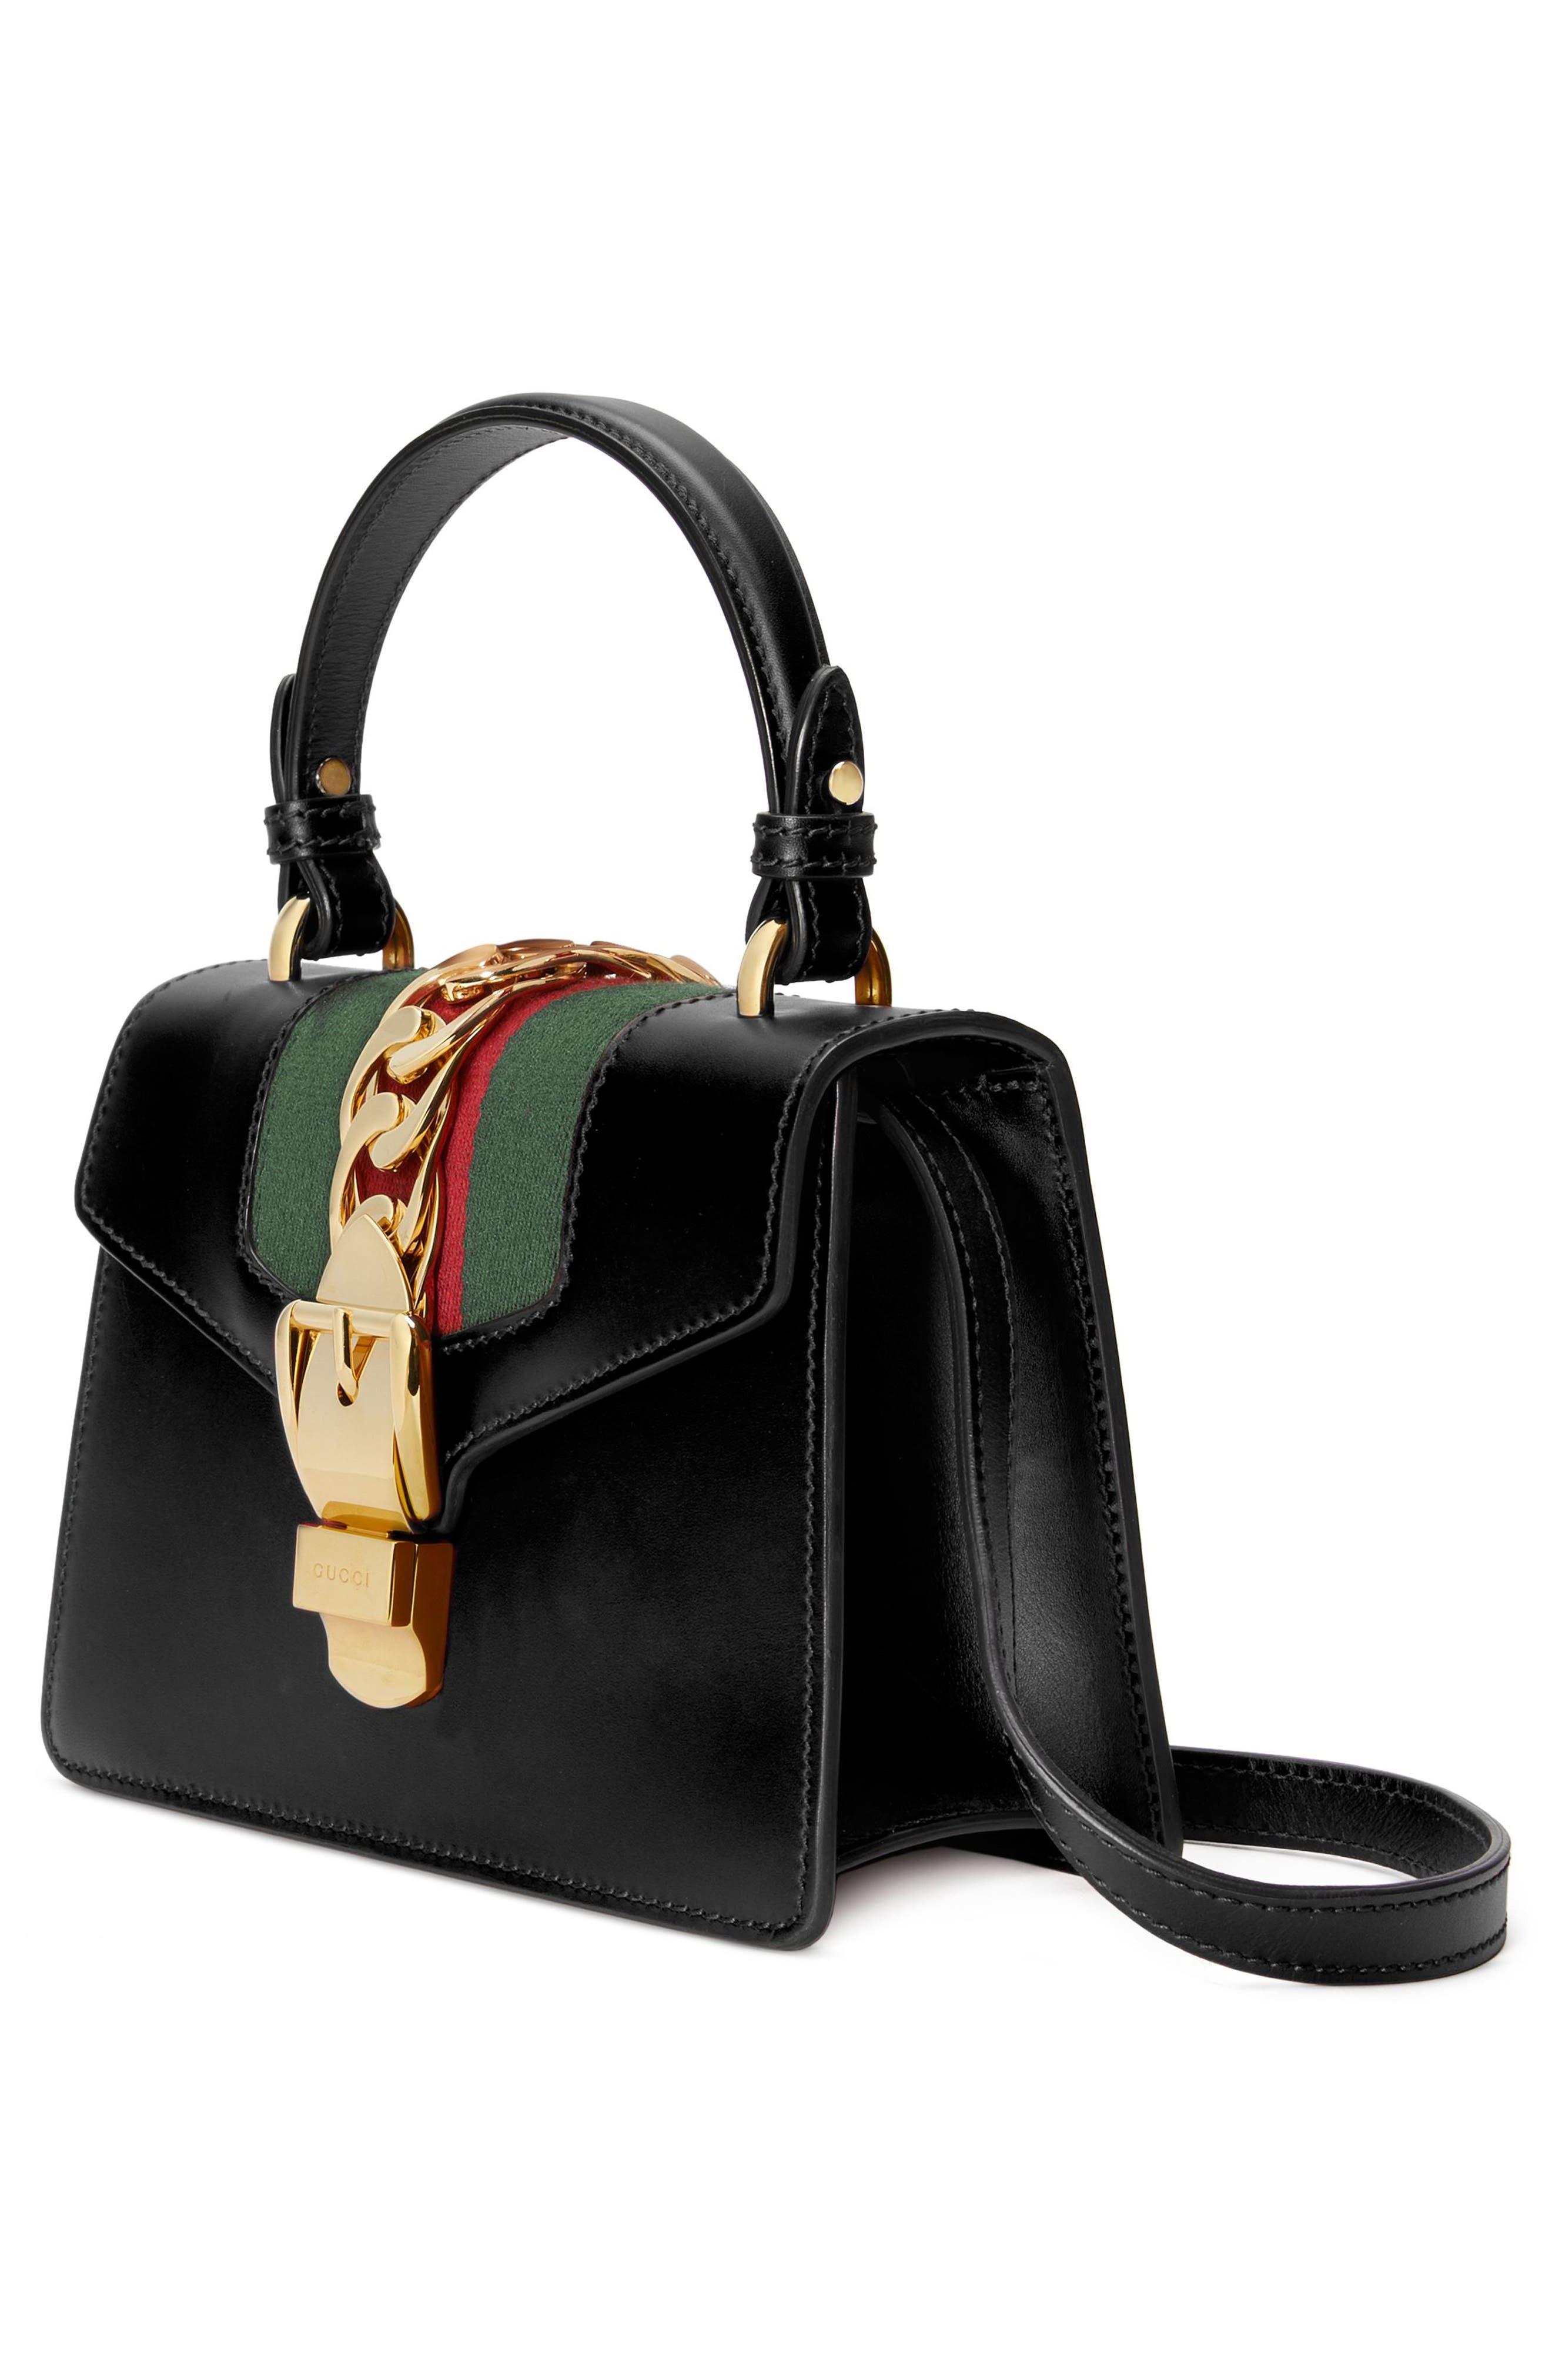 Mini Sylvie Top Handle Leather Shoulder Bag,                             Alternate thumbnail 5, color,                             8639 NERO/VRV